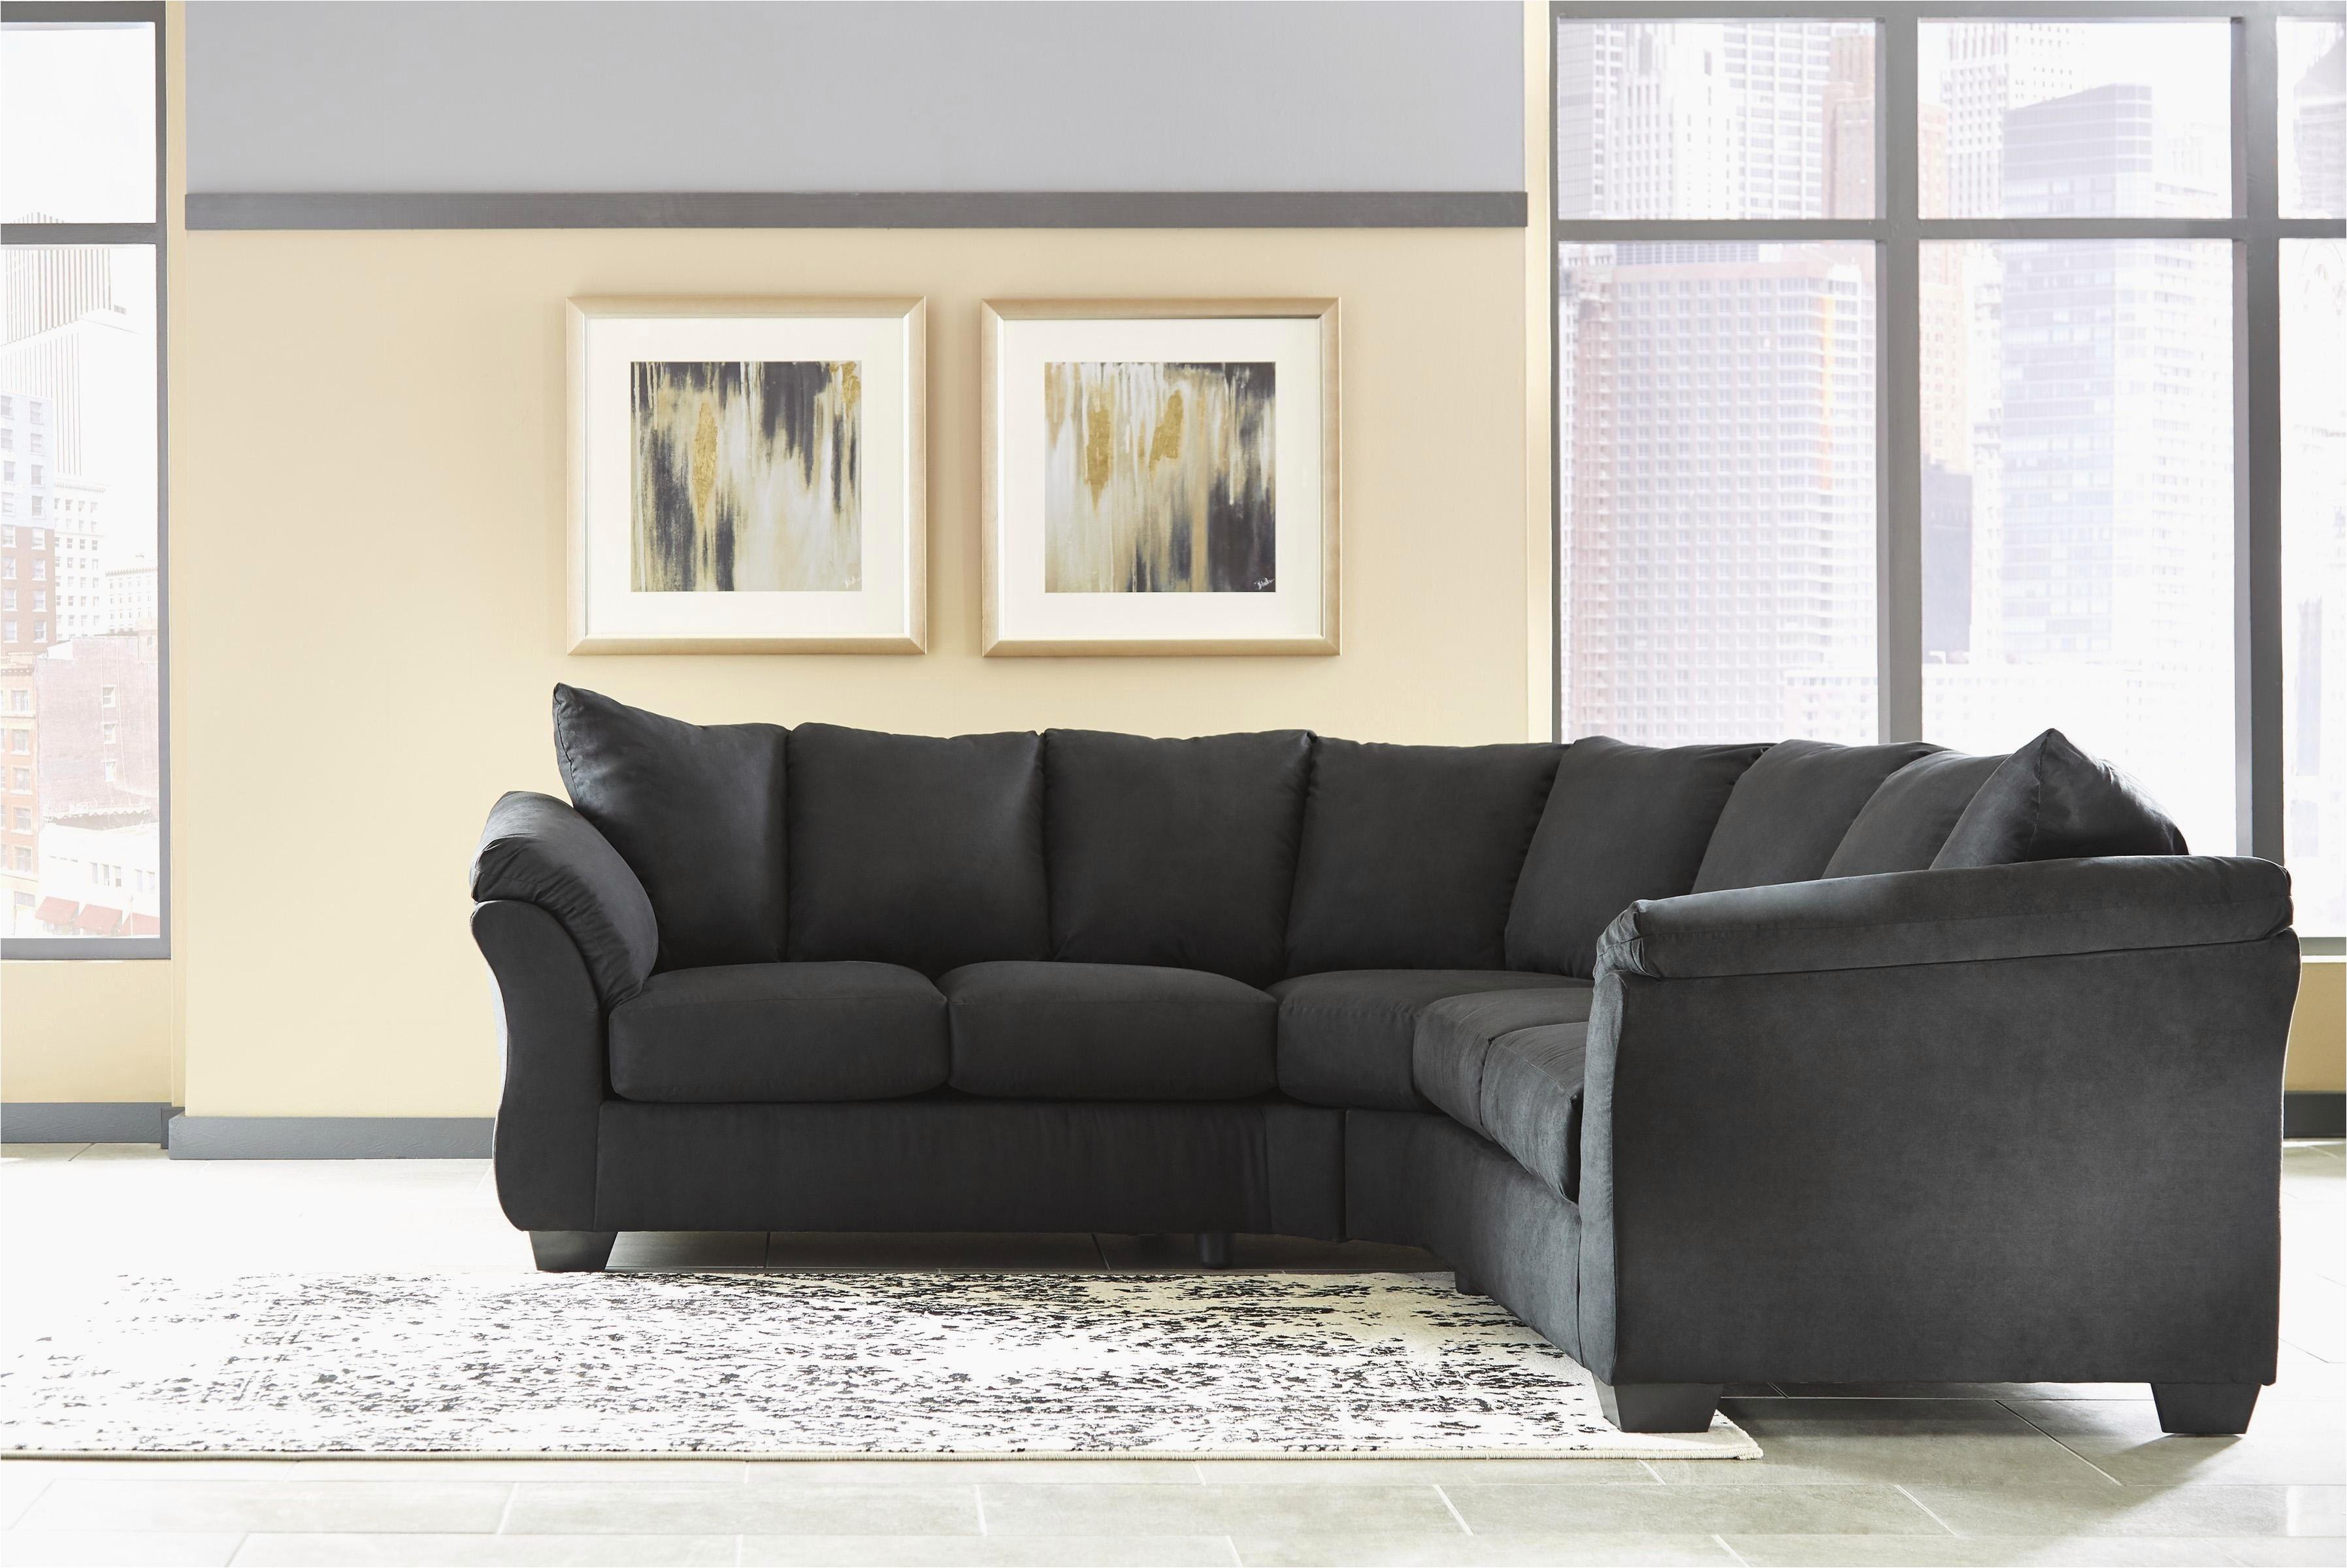 kleine couch ikea frisch elegant sofa ikea grau stock